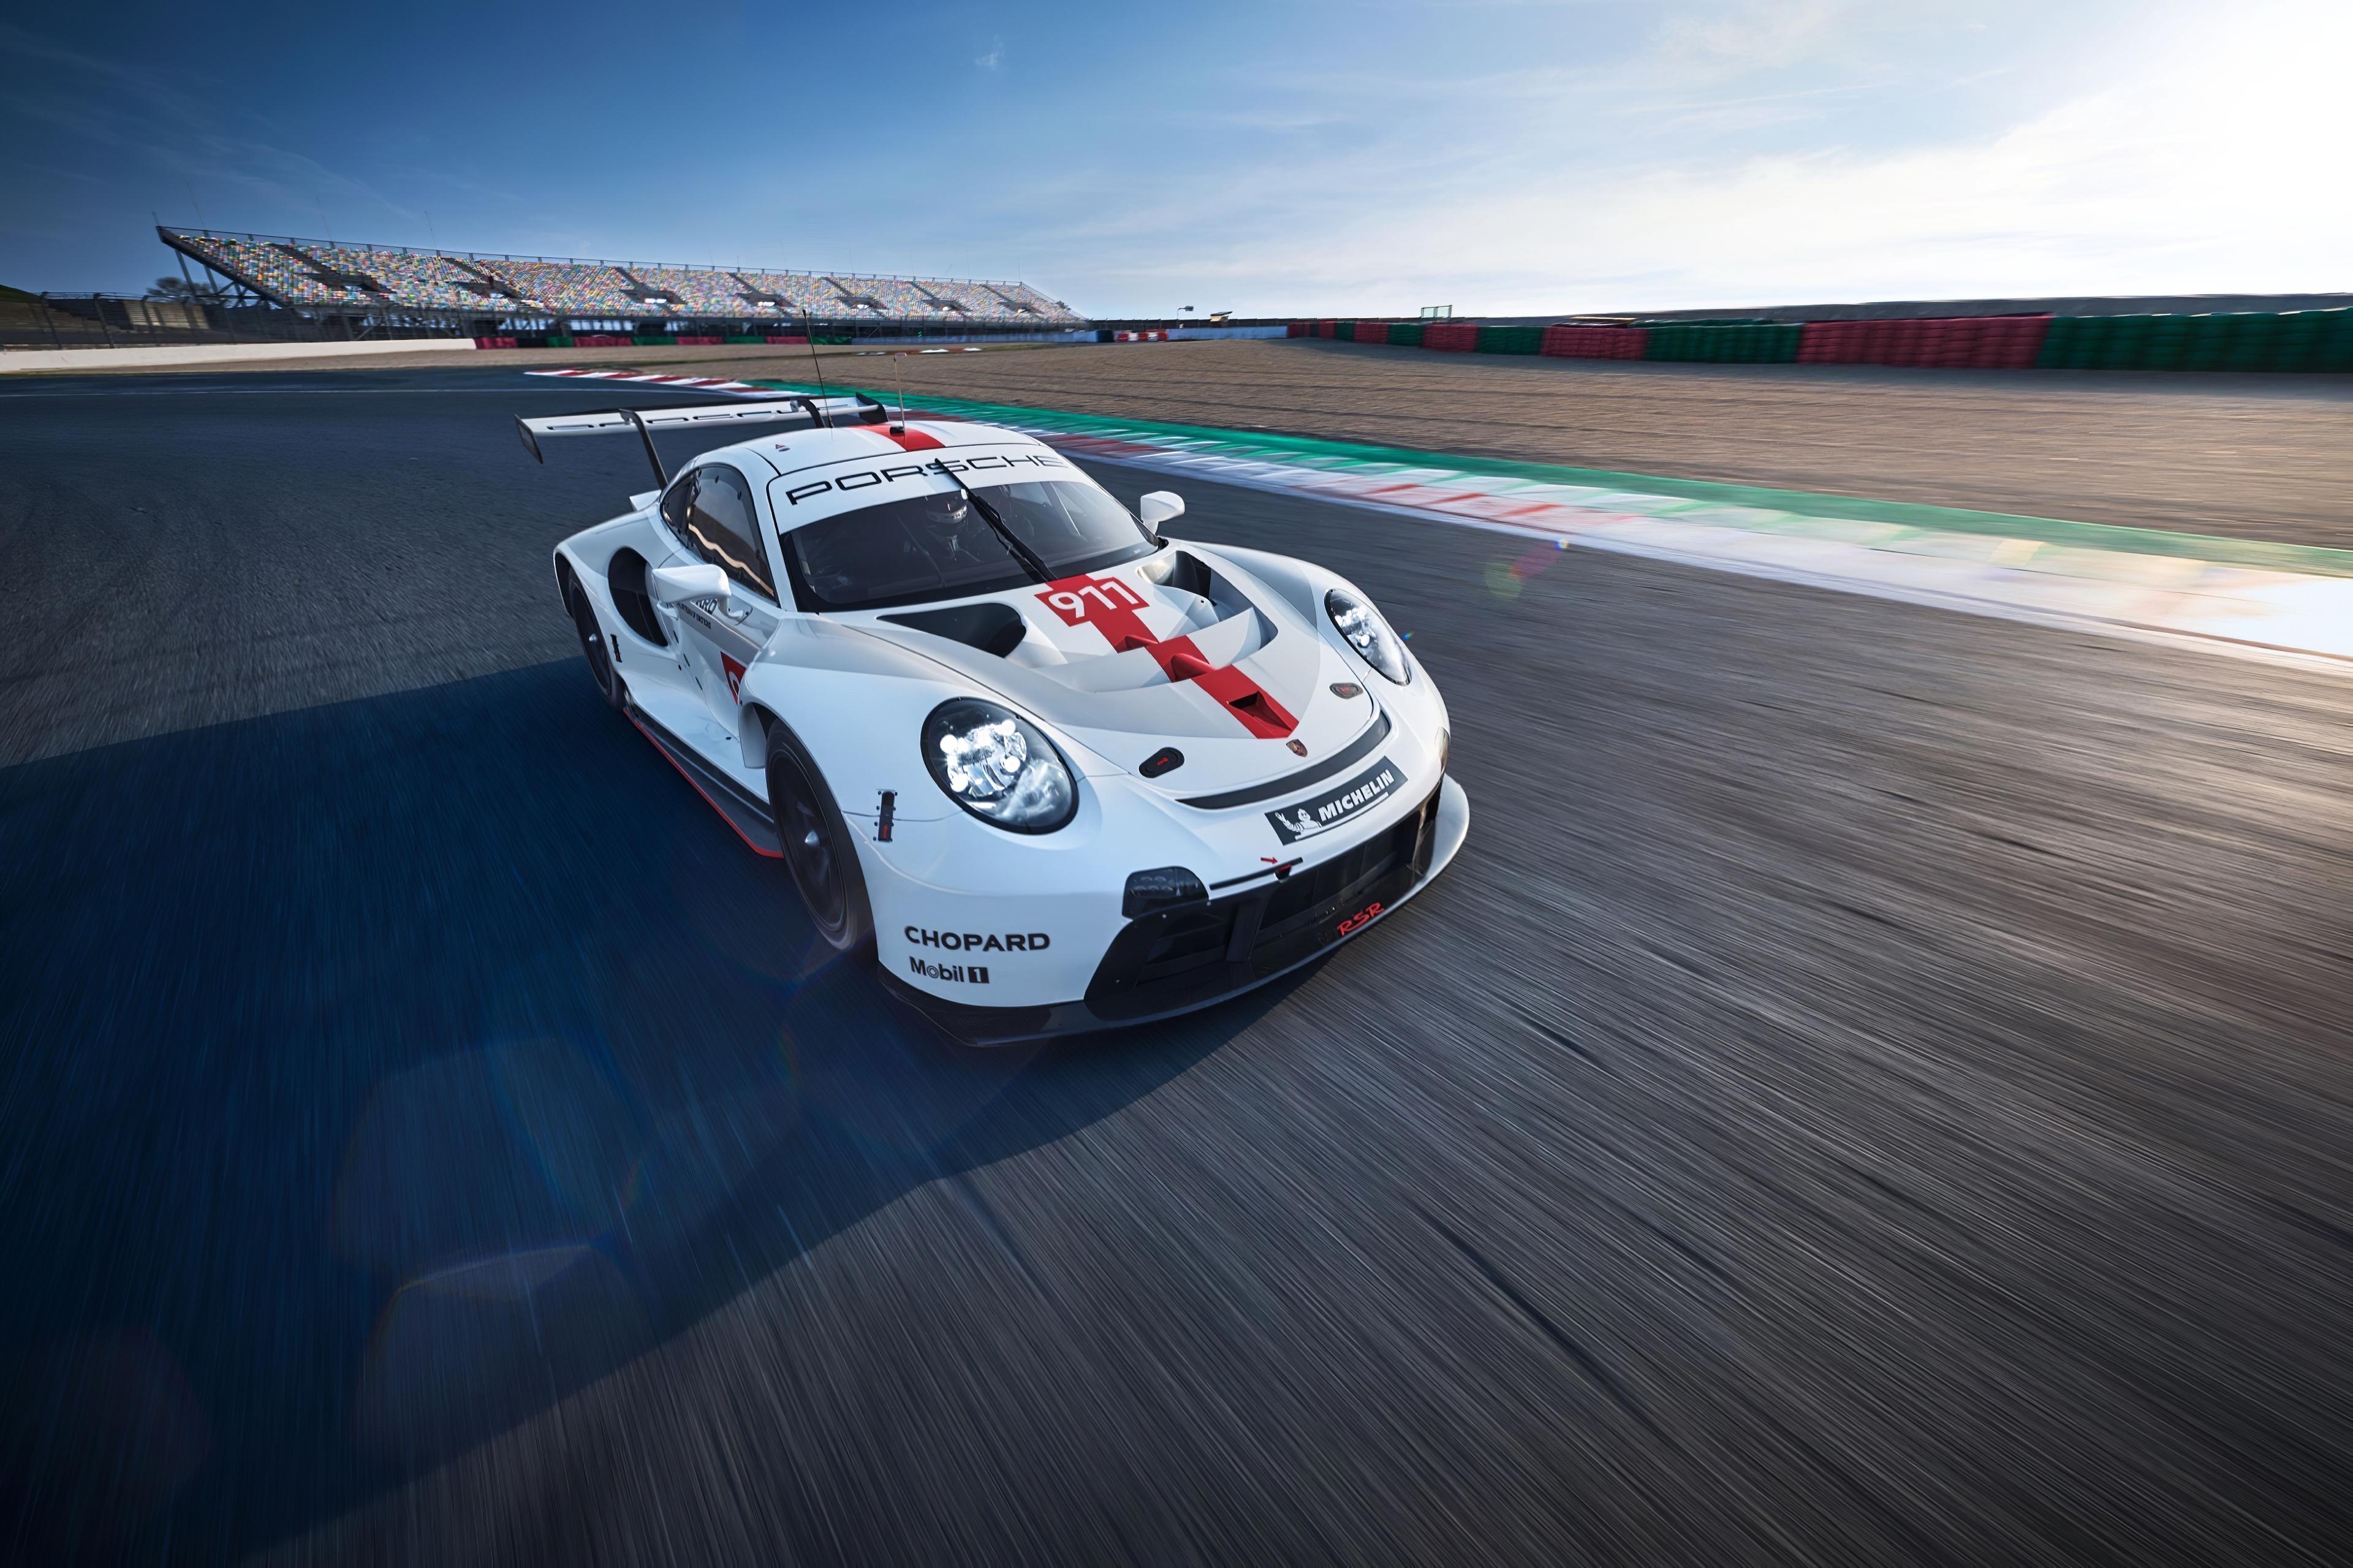 porsche 911 rsr 2020 1579649266 - Porsche 911 RSR 2020 -